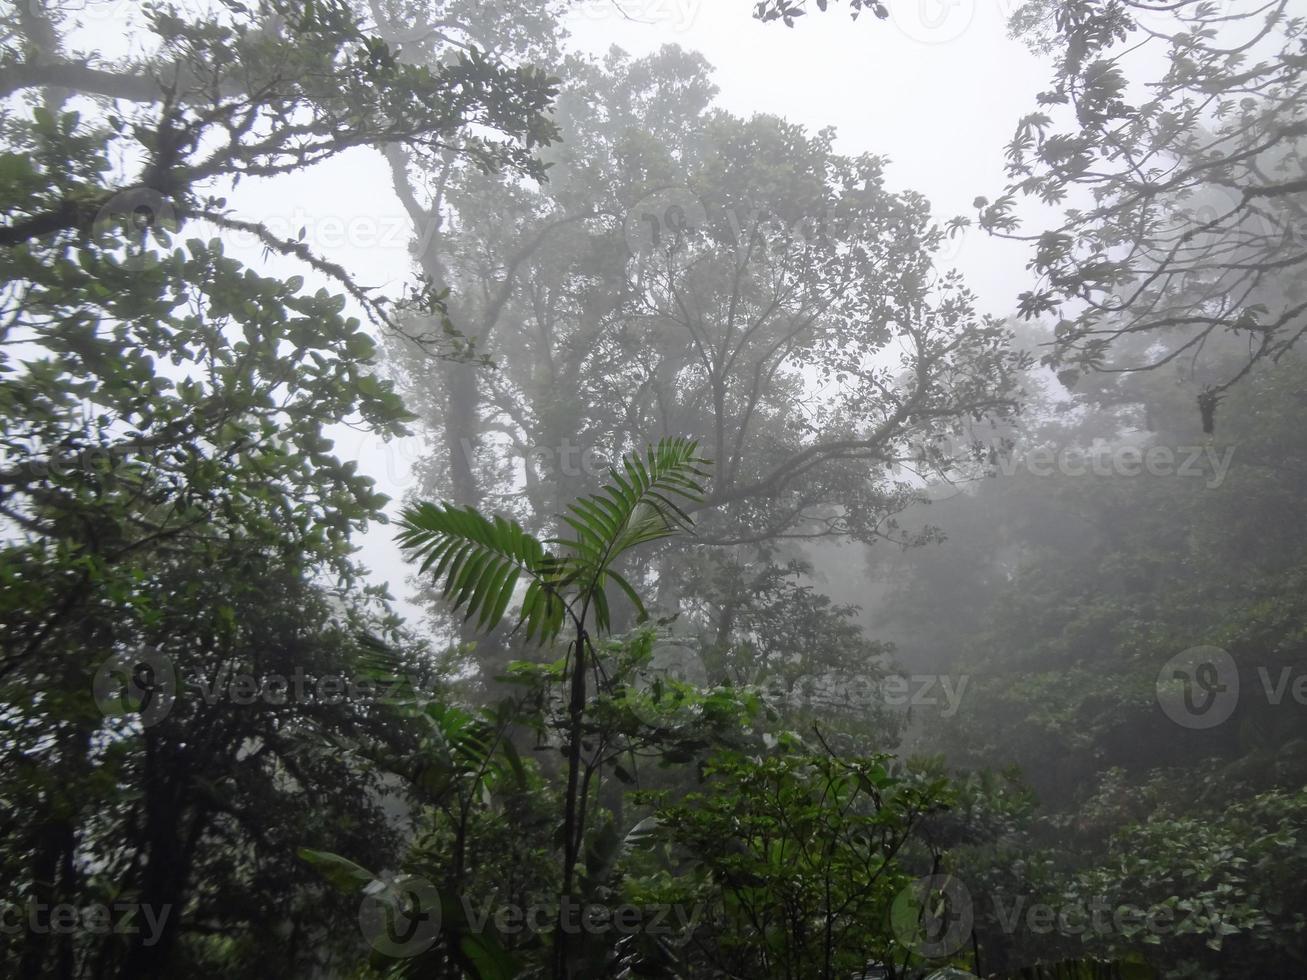 Costa Rica Regenwald foto